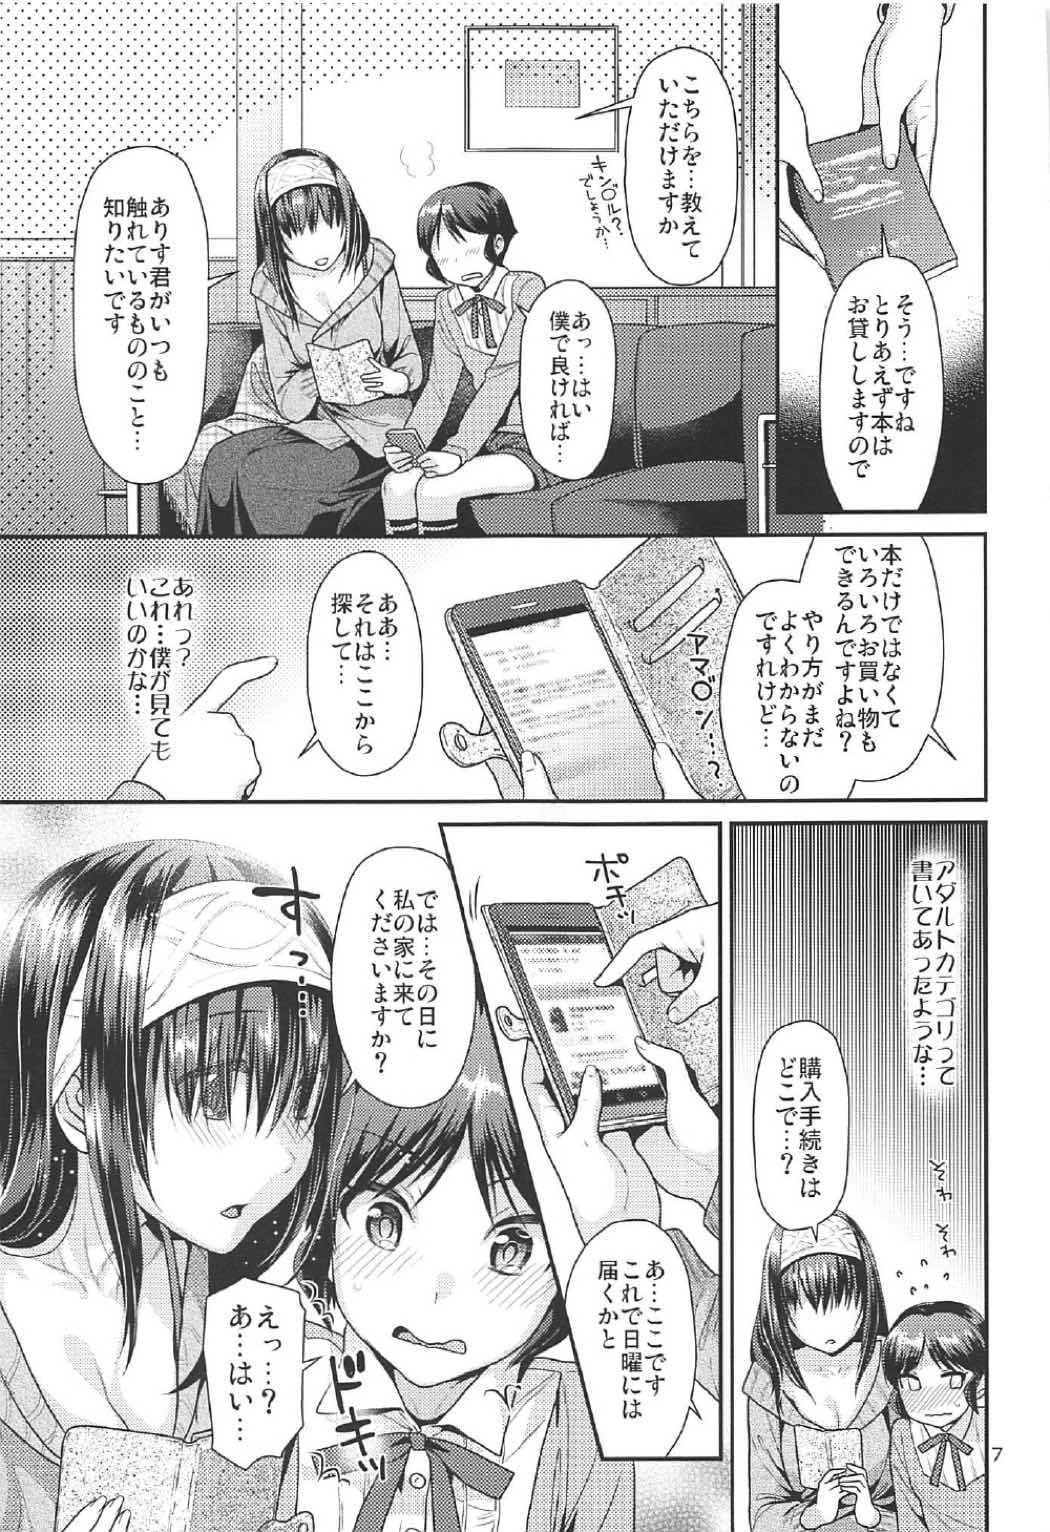 Shounen Arisu to Himitsu no Tobira 5